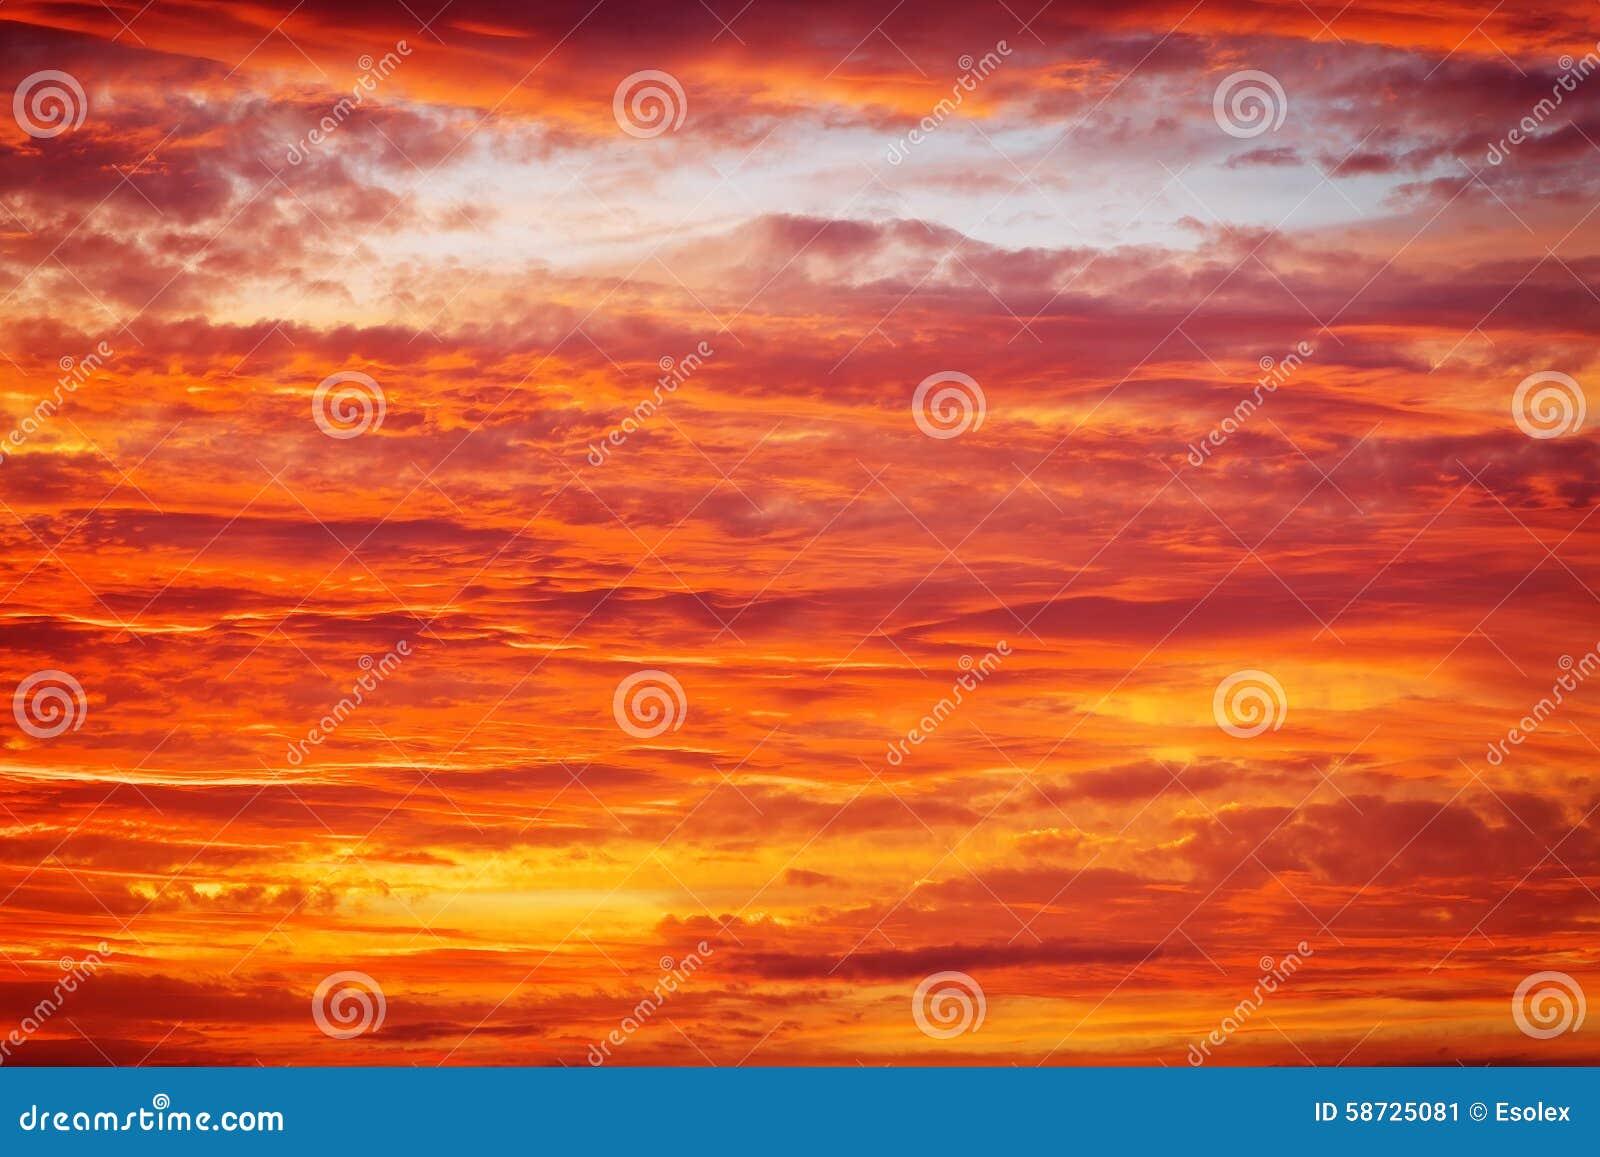 fiery glow burning sunset - photo #44